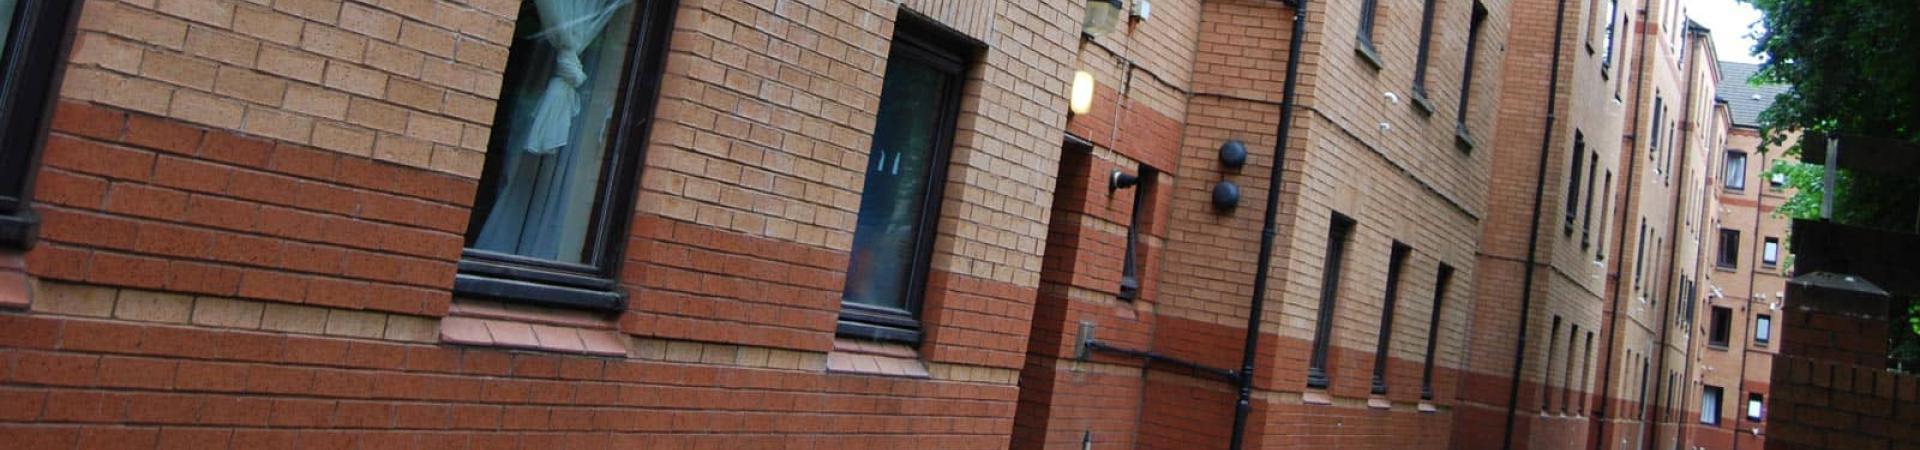 exterior banner of Kelvinhaugh Street, Glasgow